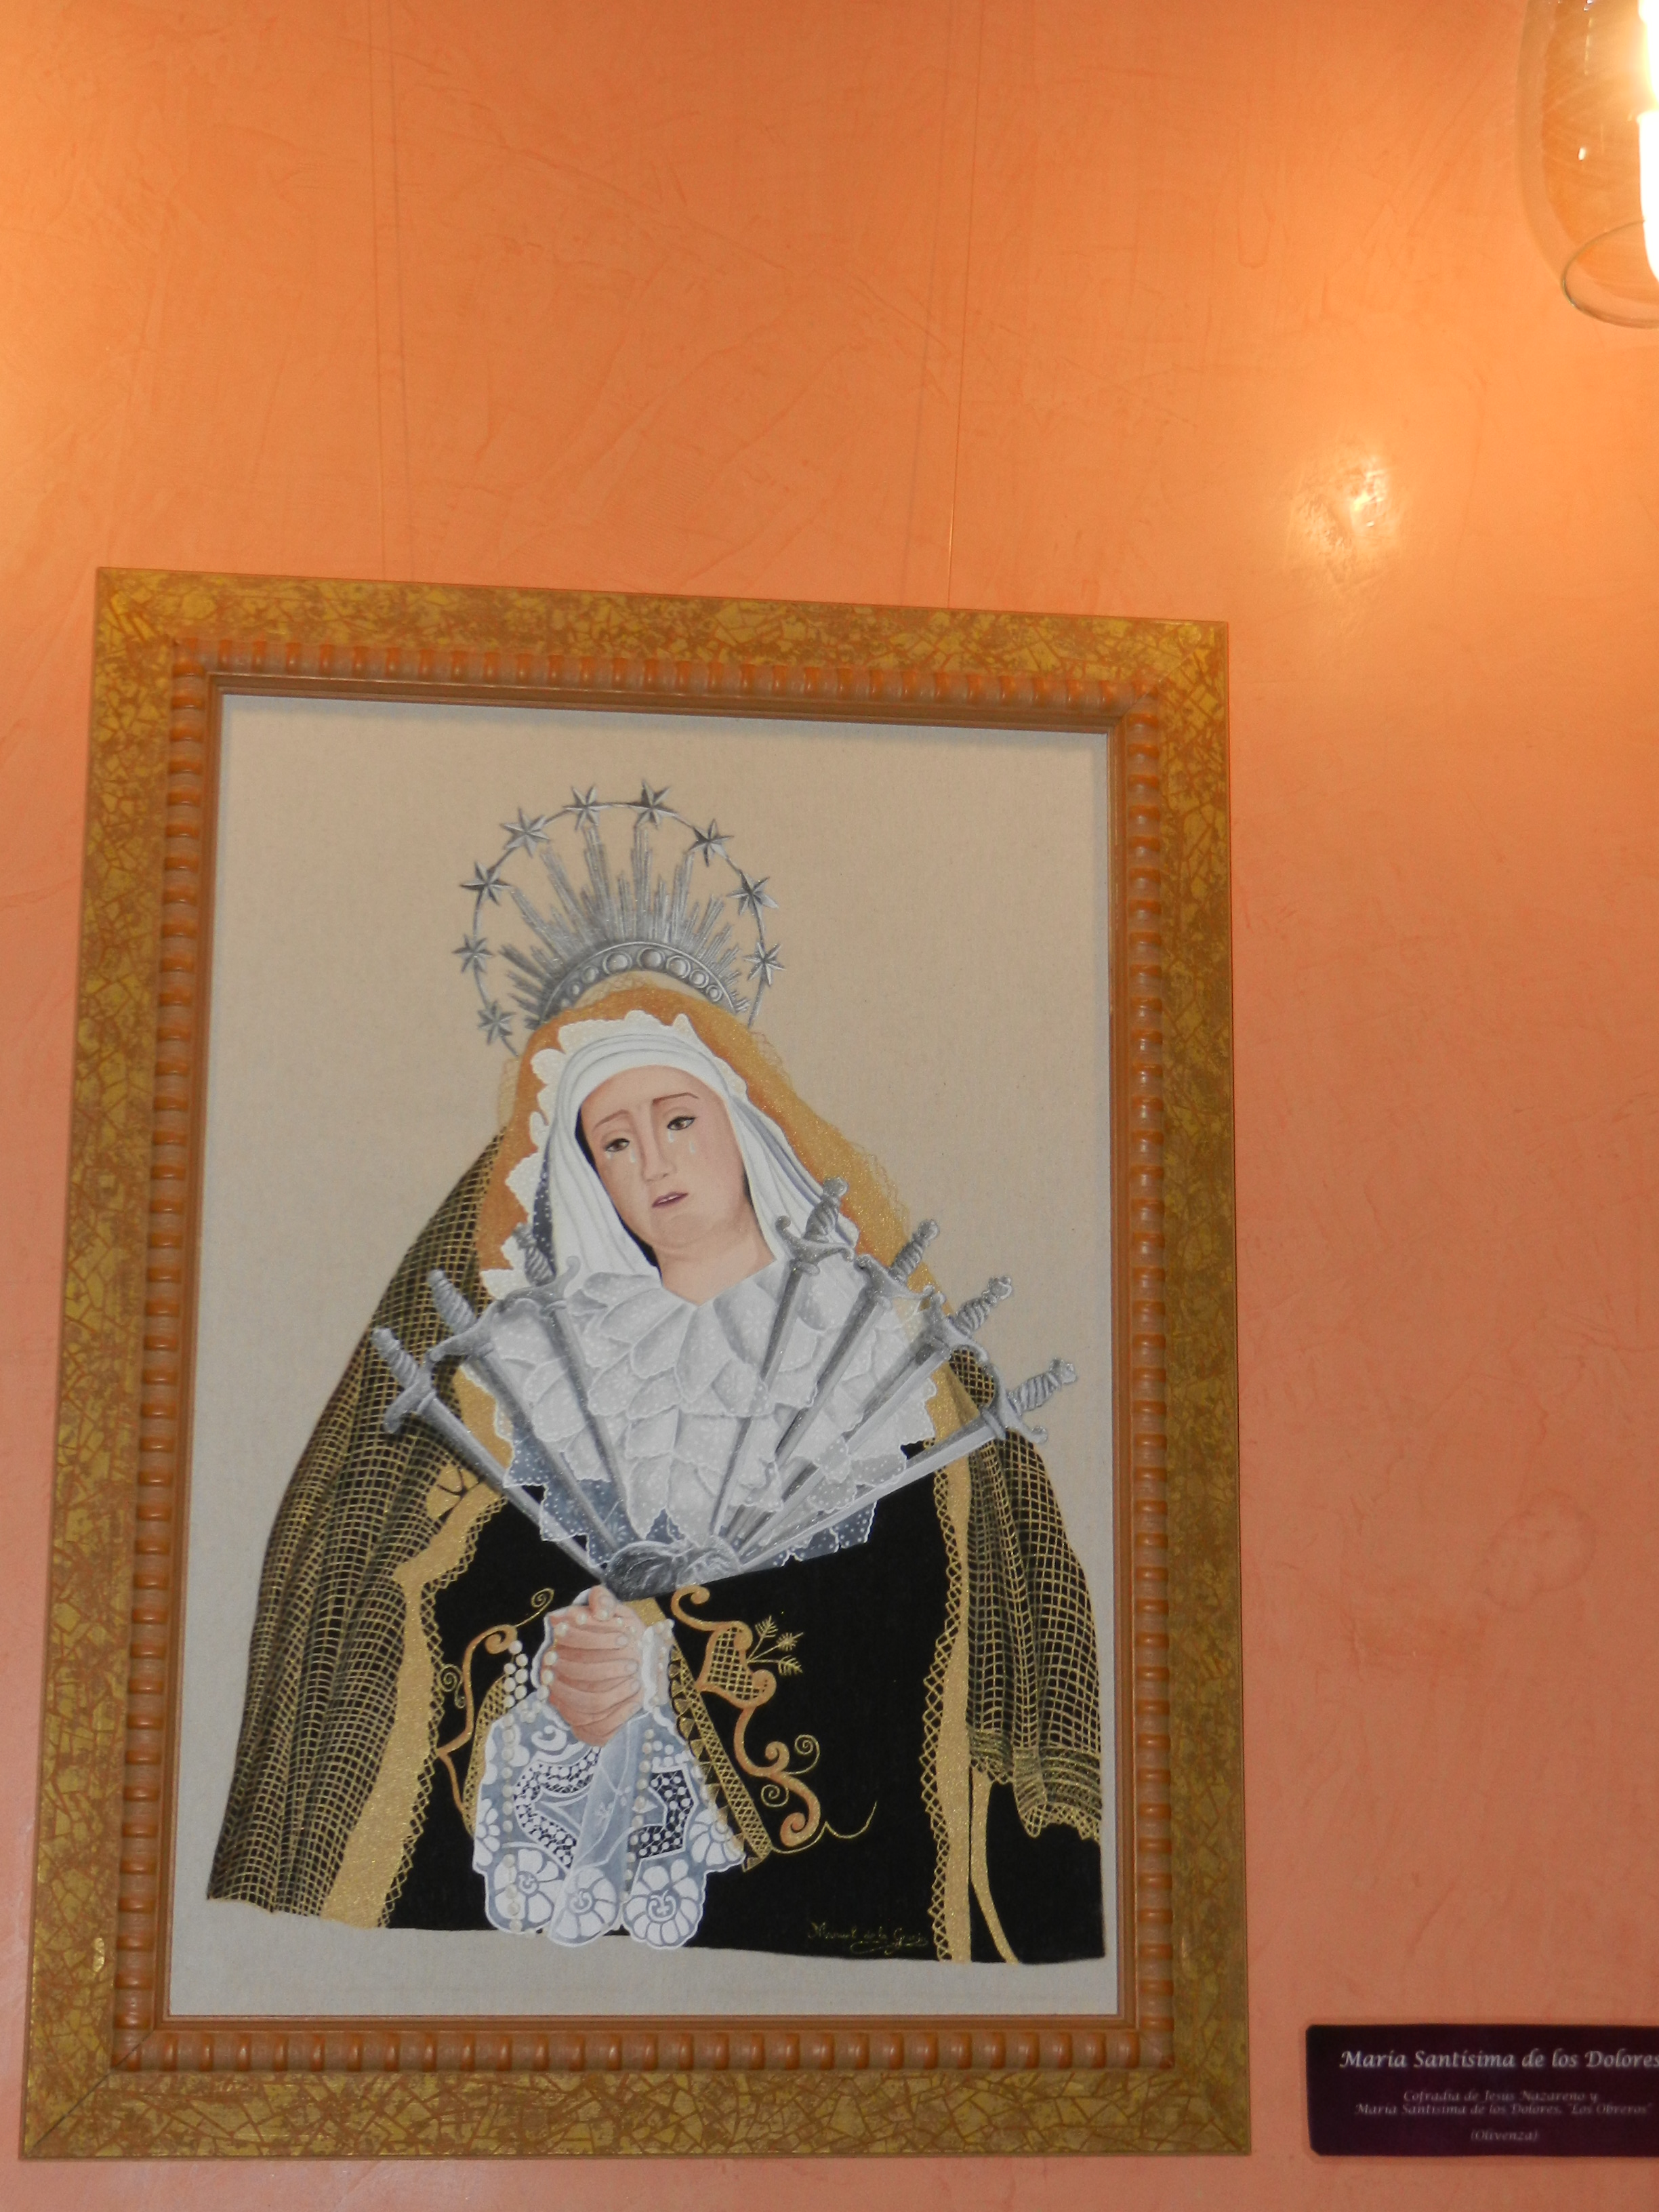 Exposición de pinturas en tela en el Liceo